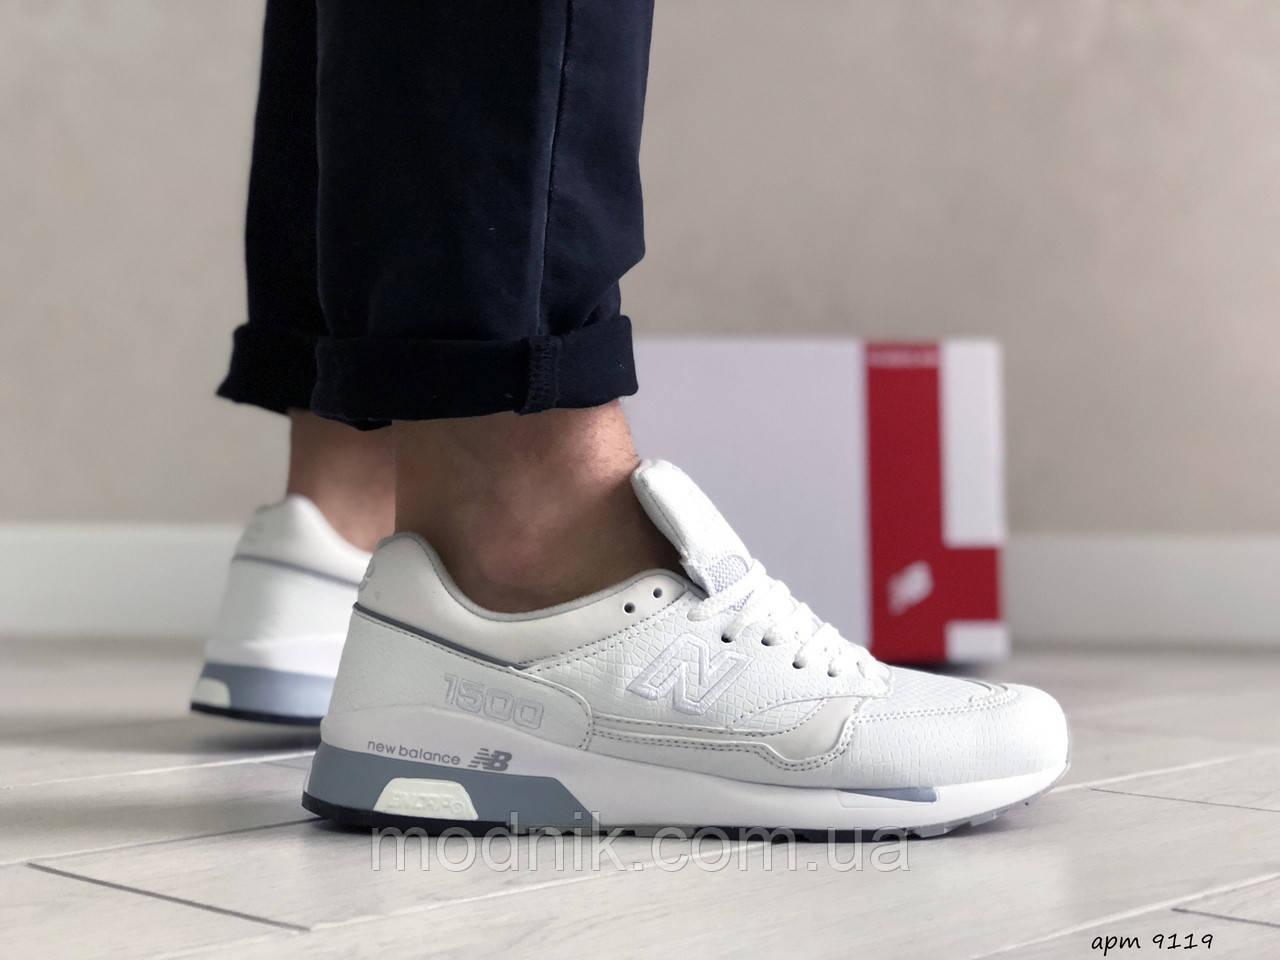 Мужские кроссовки New Balance 1500 ВЕЛИКОБРИТАНИЯ (белые) 9119